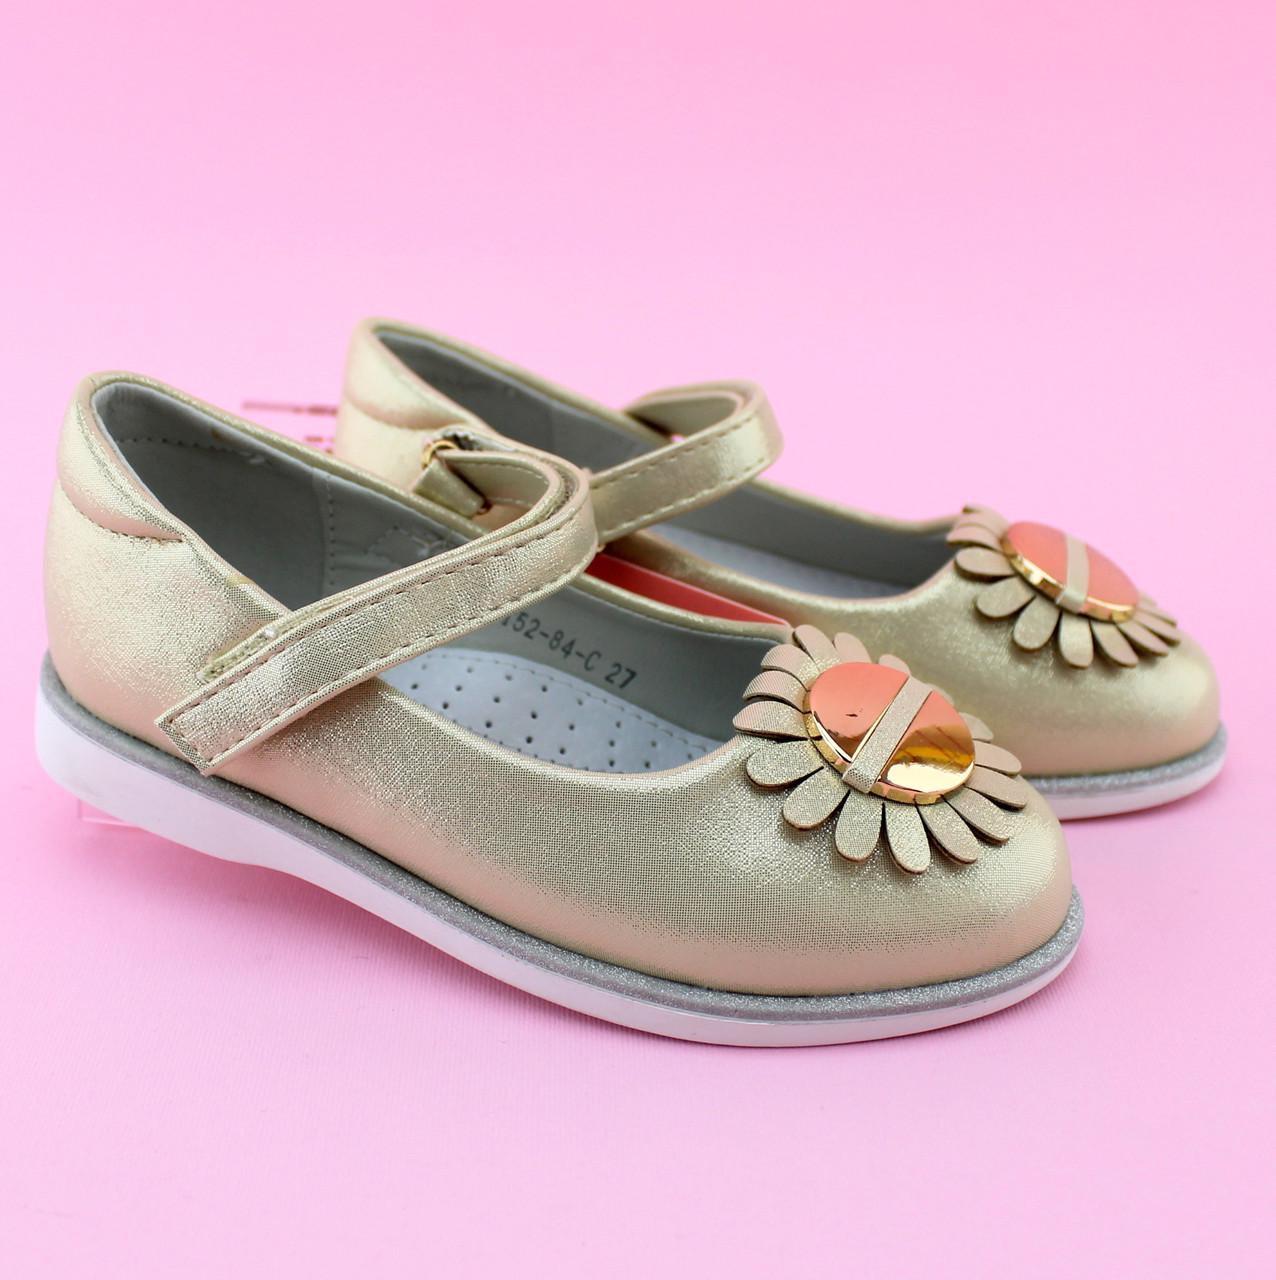 Детские нарядные туфли Золото тм Том.м размер 25,31,32